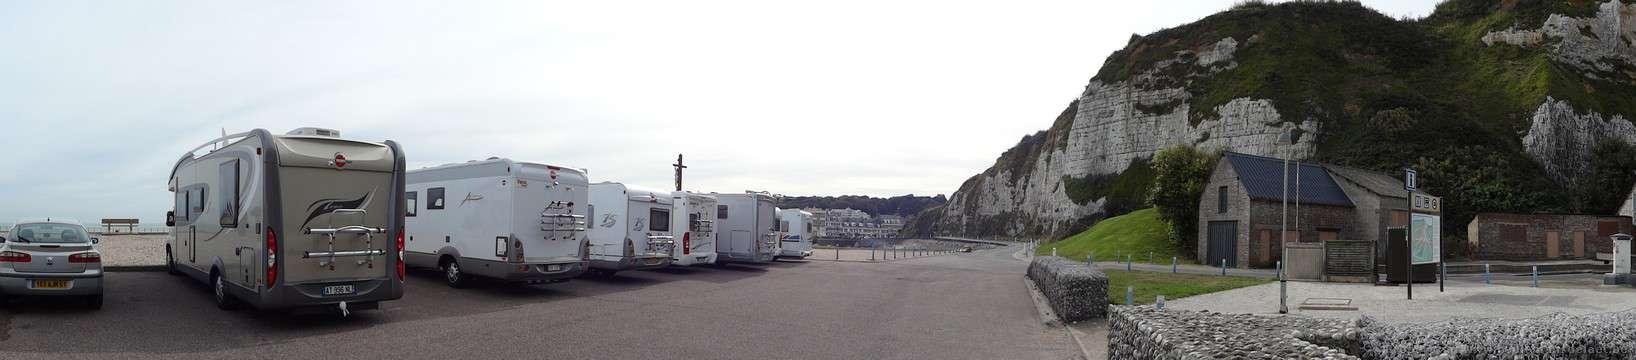 Frankrijk-Normandie-CharenteMaritime-van 15-09-2012 tot en met 23-09-2012-133